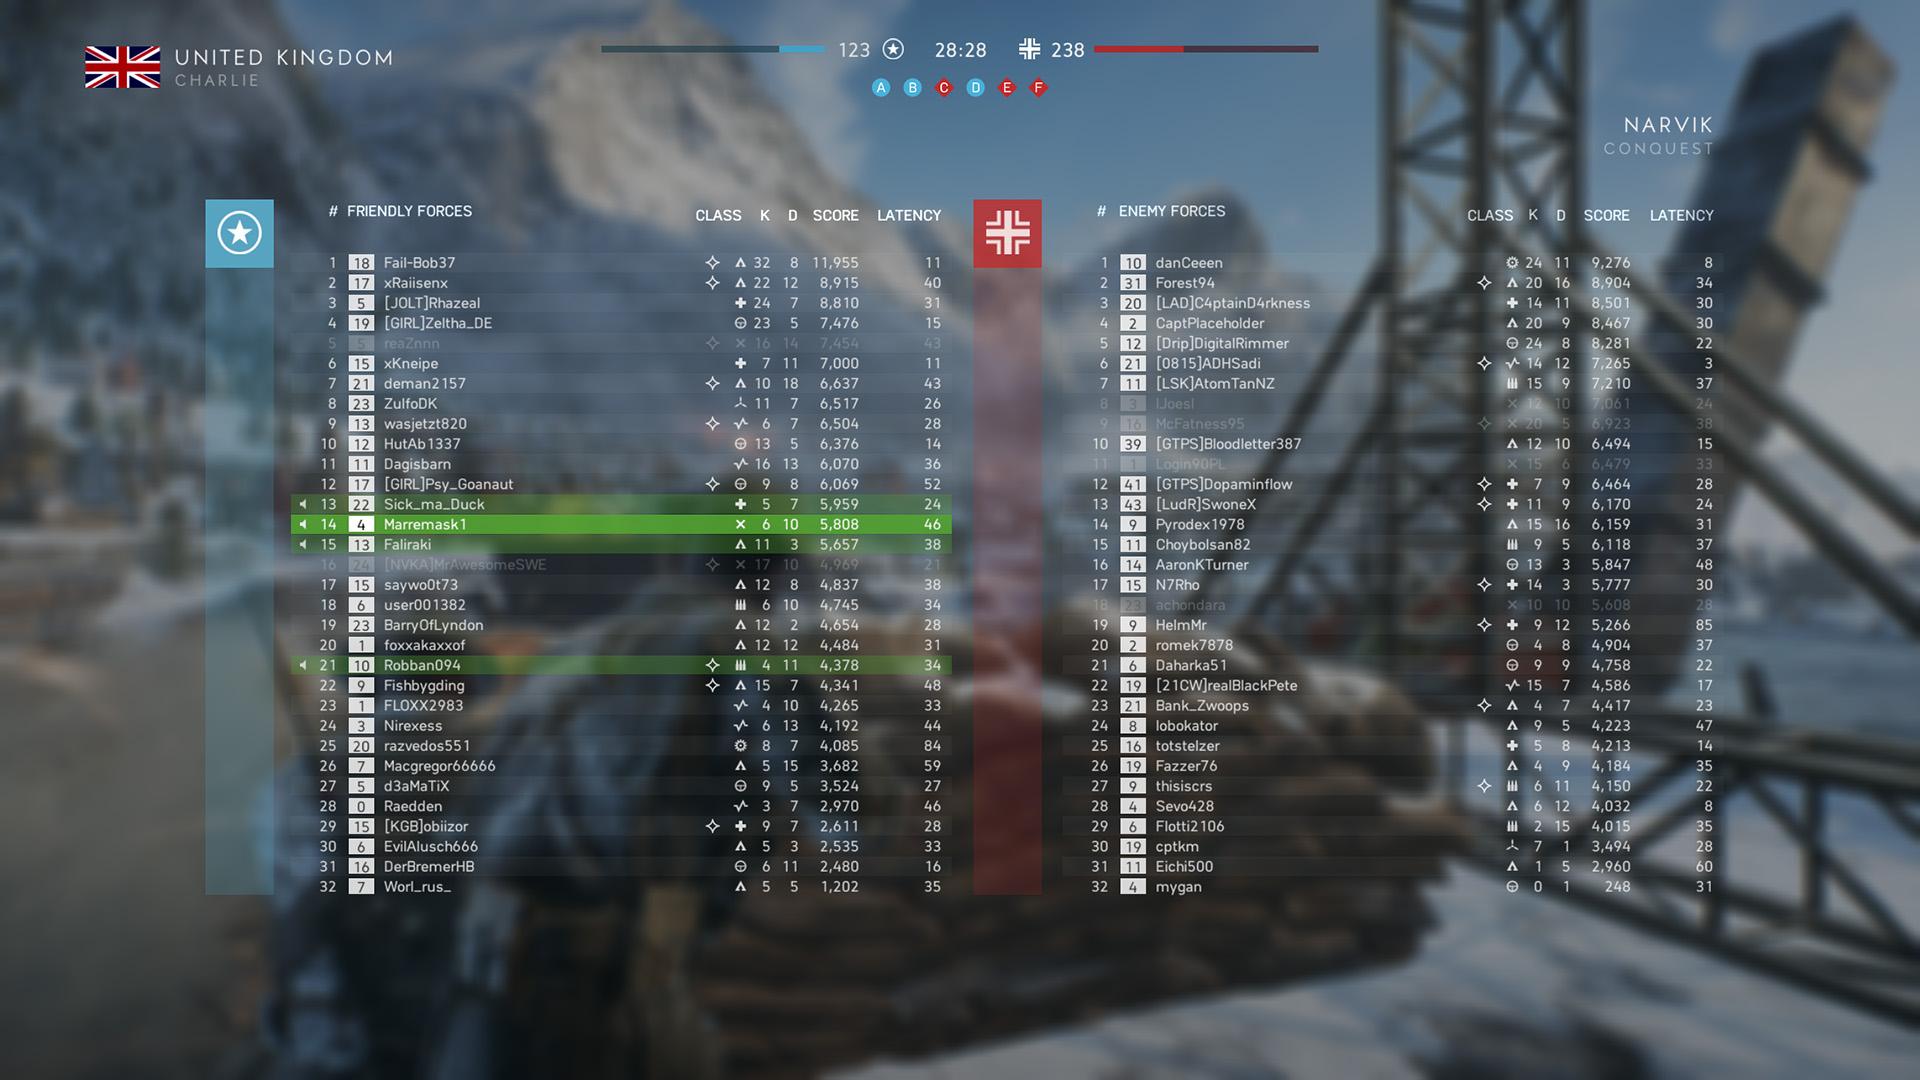 Battlefield V Screenshot 2018_0008_Battlefield V Screenshot 2018.11.11 - 20.51.42.95.jpg